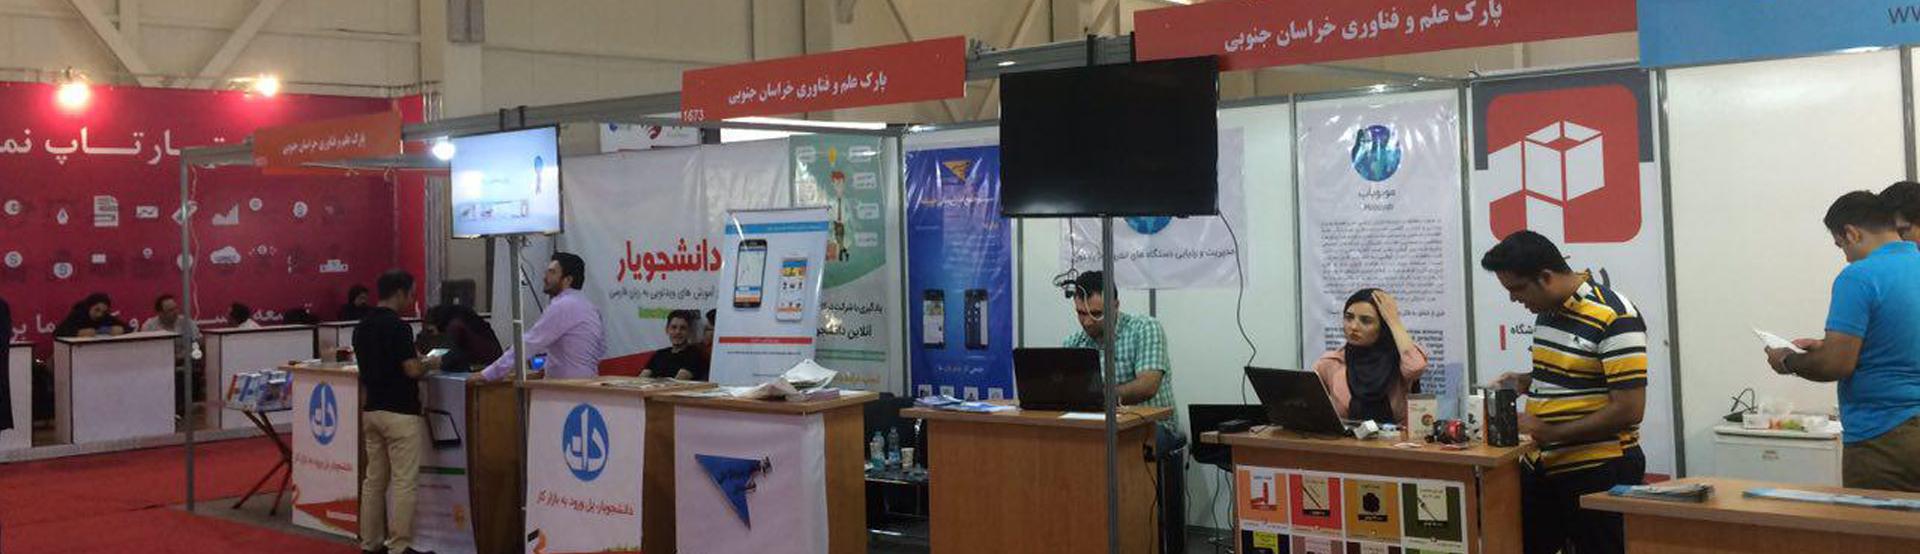 حضور پارک علم و فناوری خراسان جنوبی در نمایشگاه الکامپ 96